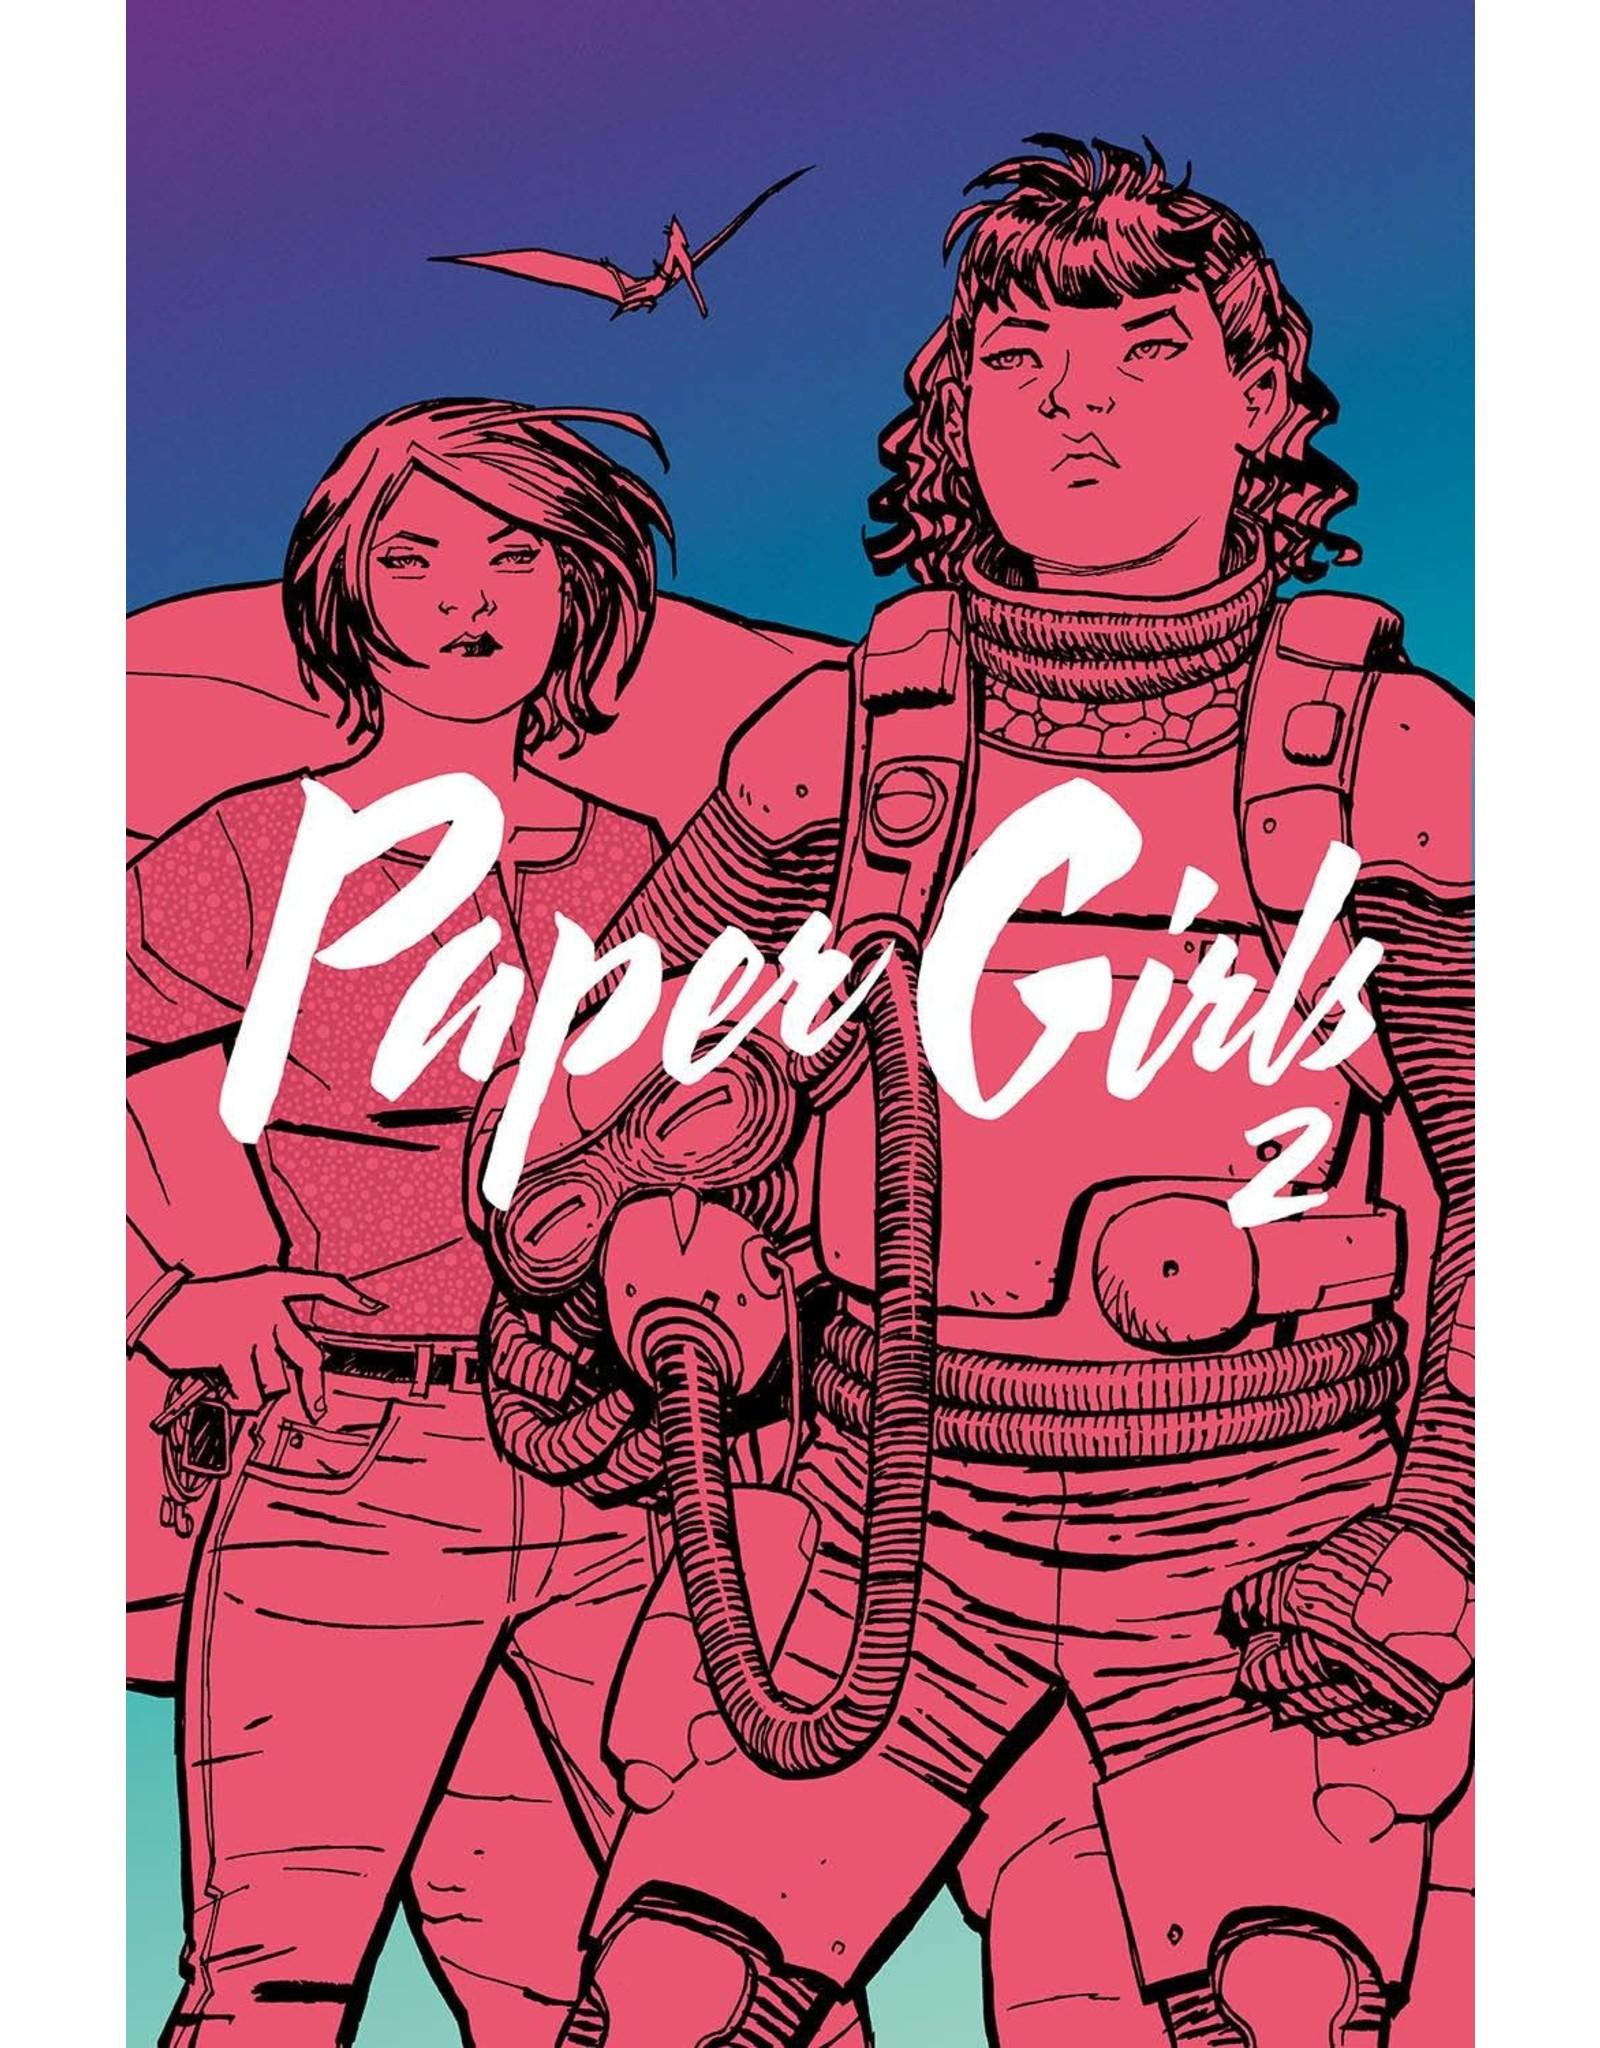 Image Comics PAPER GIRLS TP VOL 02